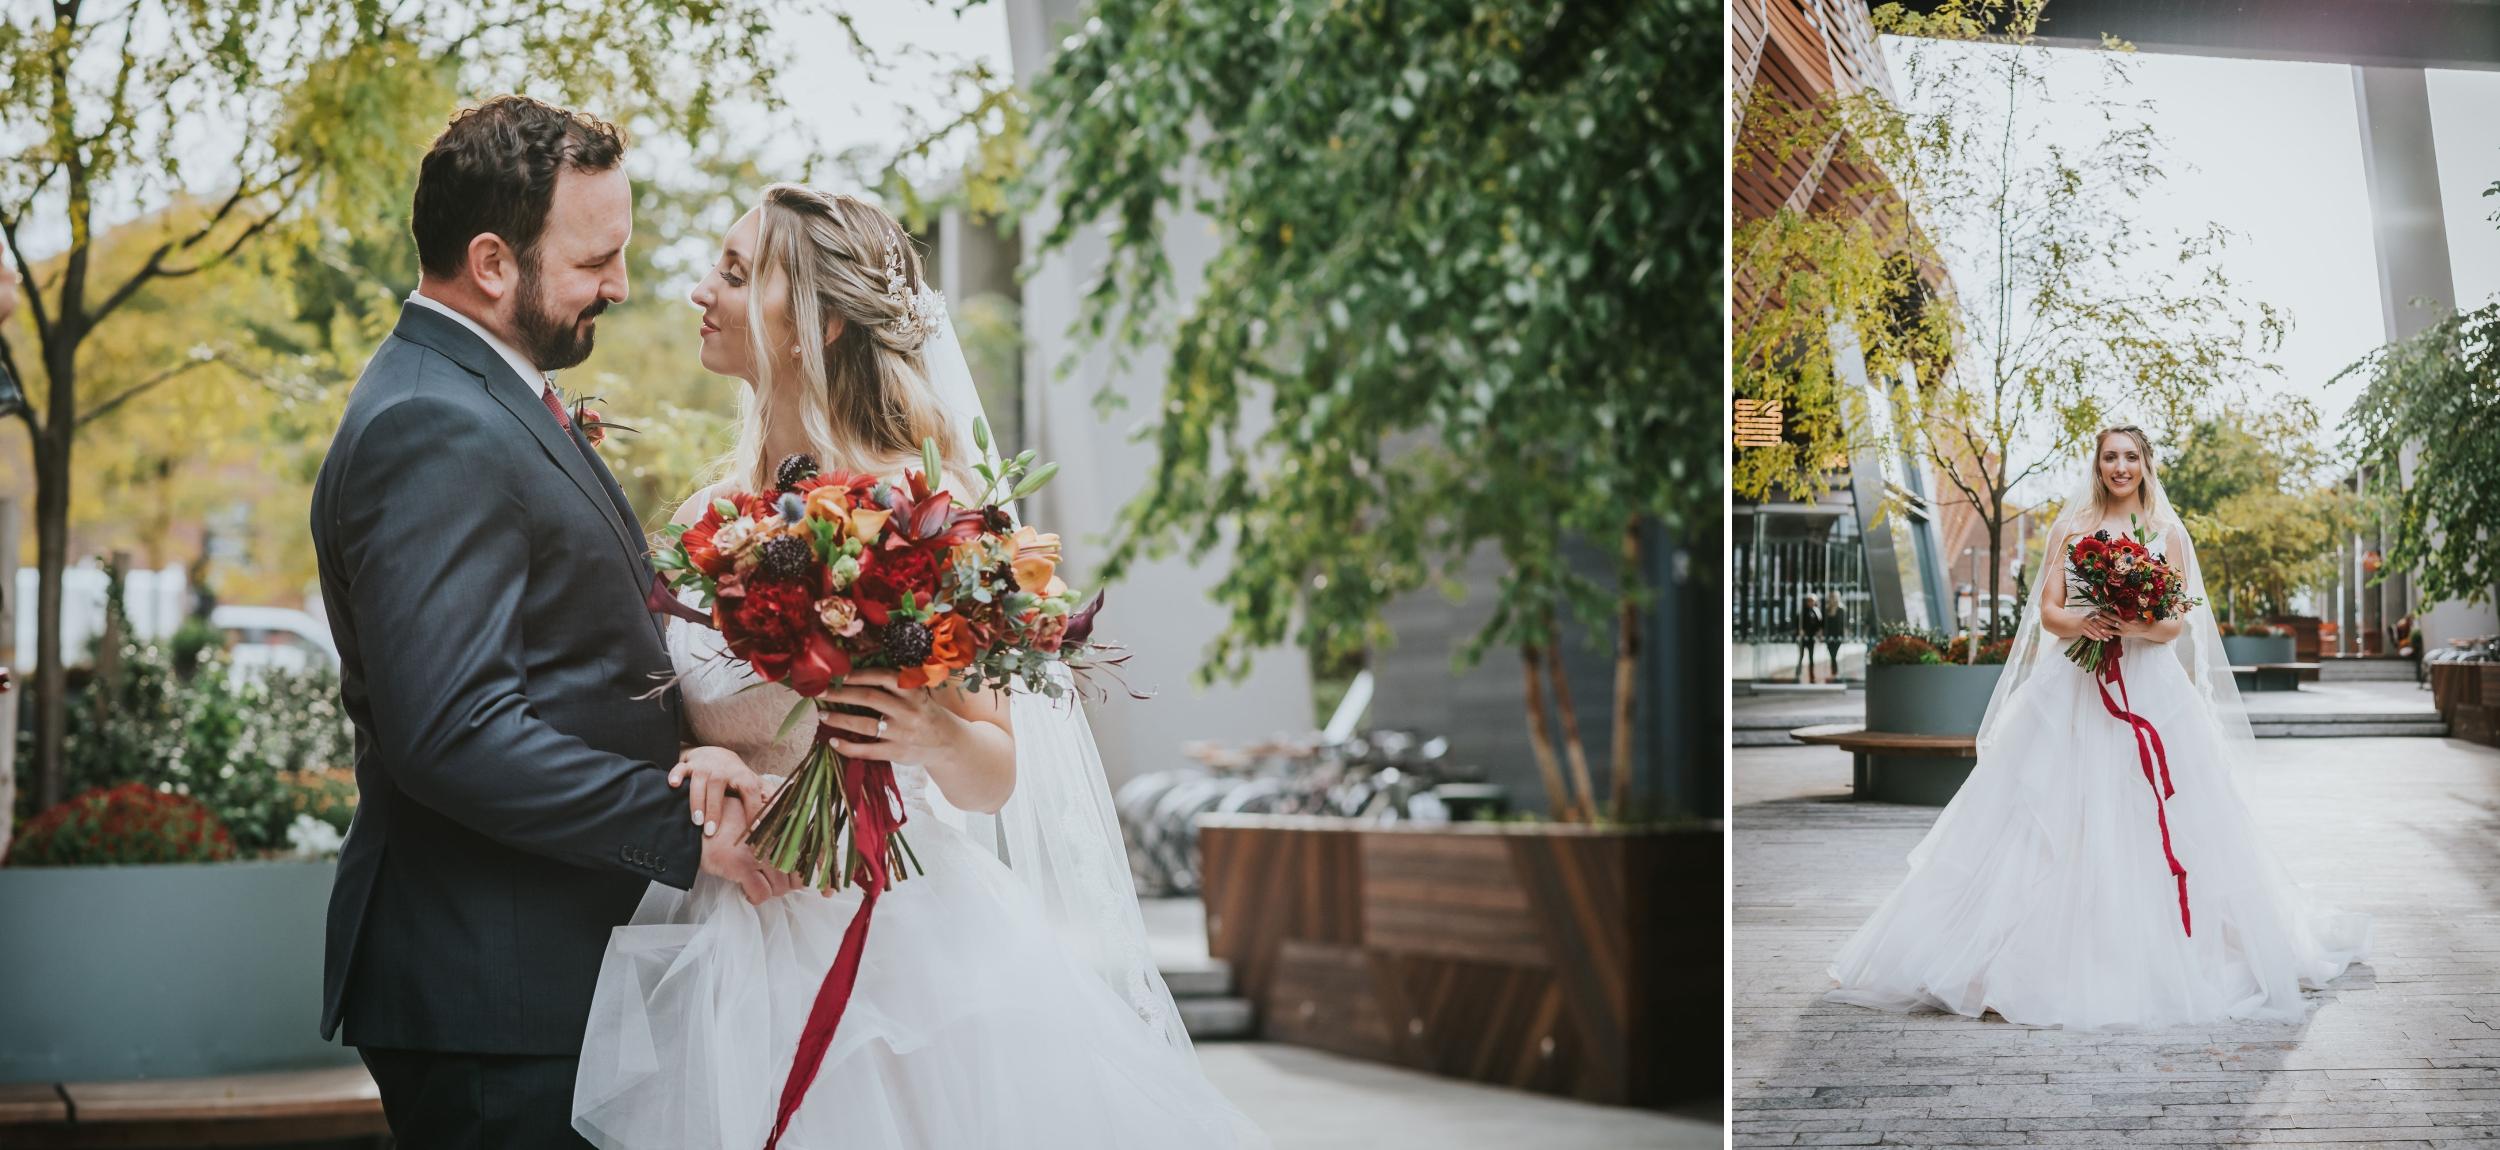 Juztina & Justin Brooklyn Winery NYC Wedding 057.jpg